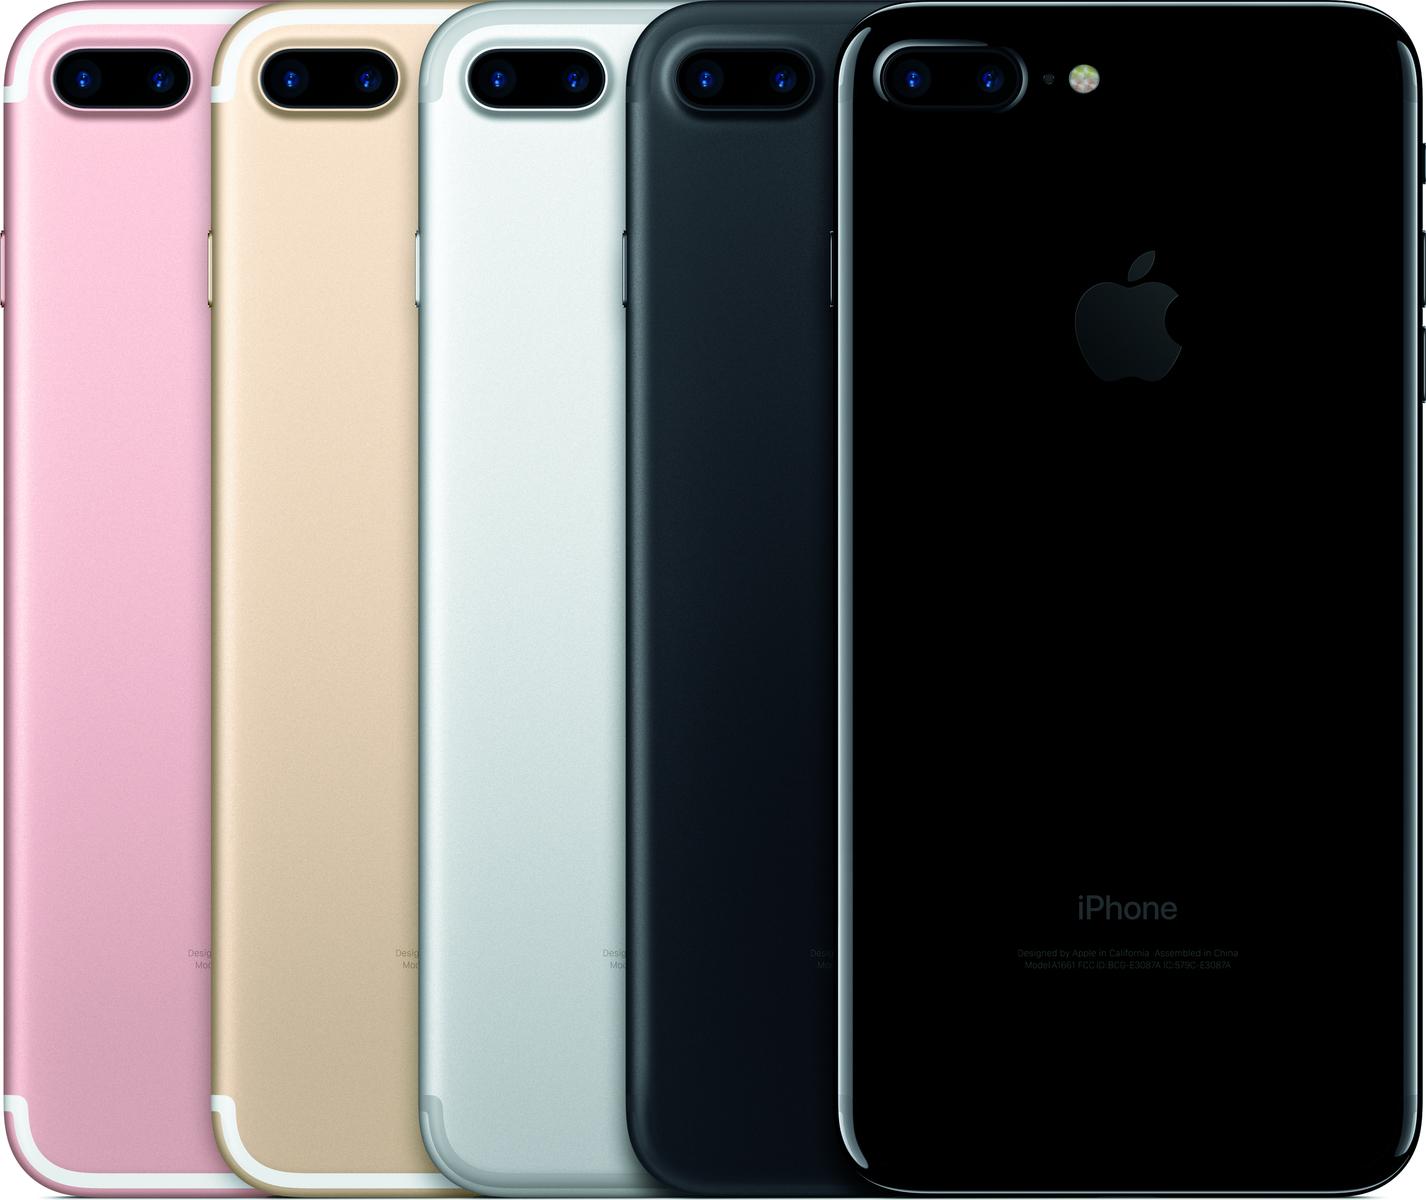 Картинки по запросу iPhone 7 plus